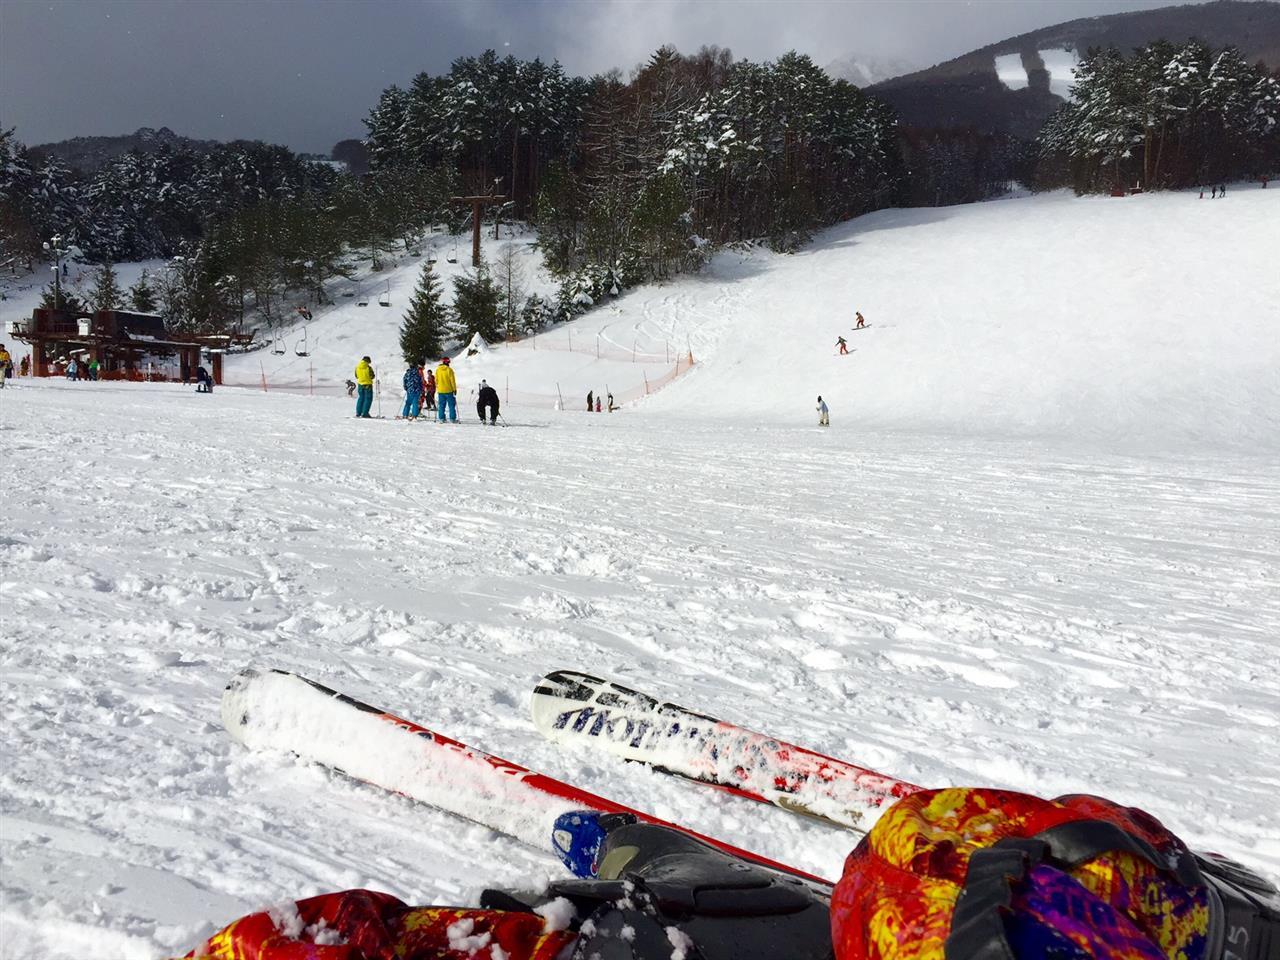 スキー ライブ カメラ 場 猪苗代 「猪苗代スキー場」 スキー場ライブカメラ情報